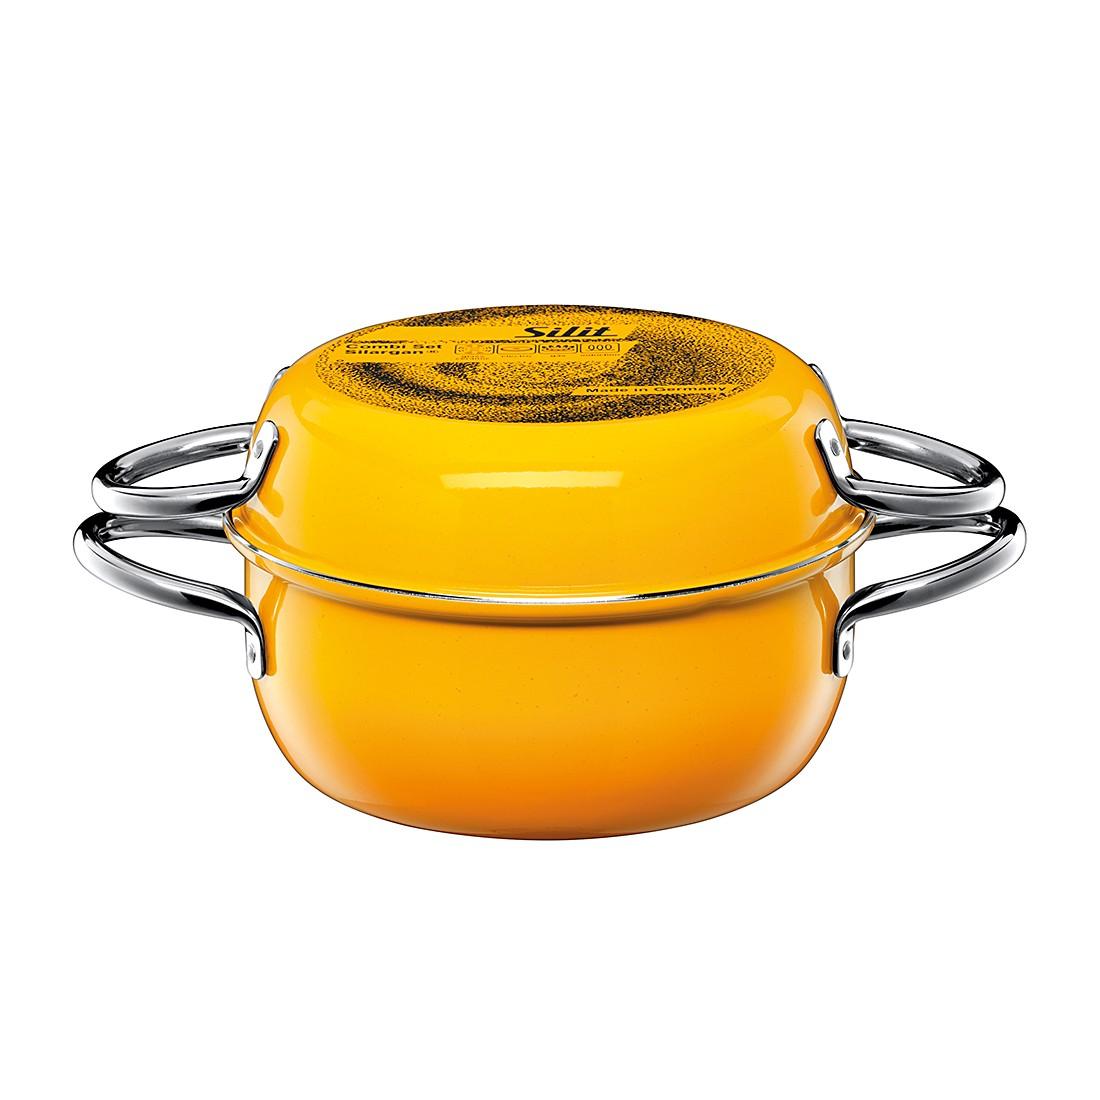 Combi Set Crazy Yellow – 21 cm, Silit günstig kaufen